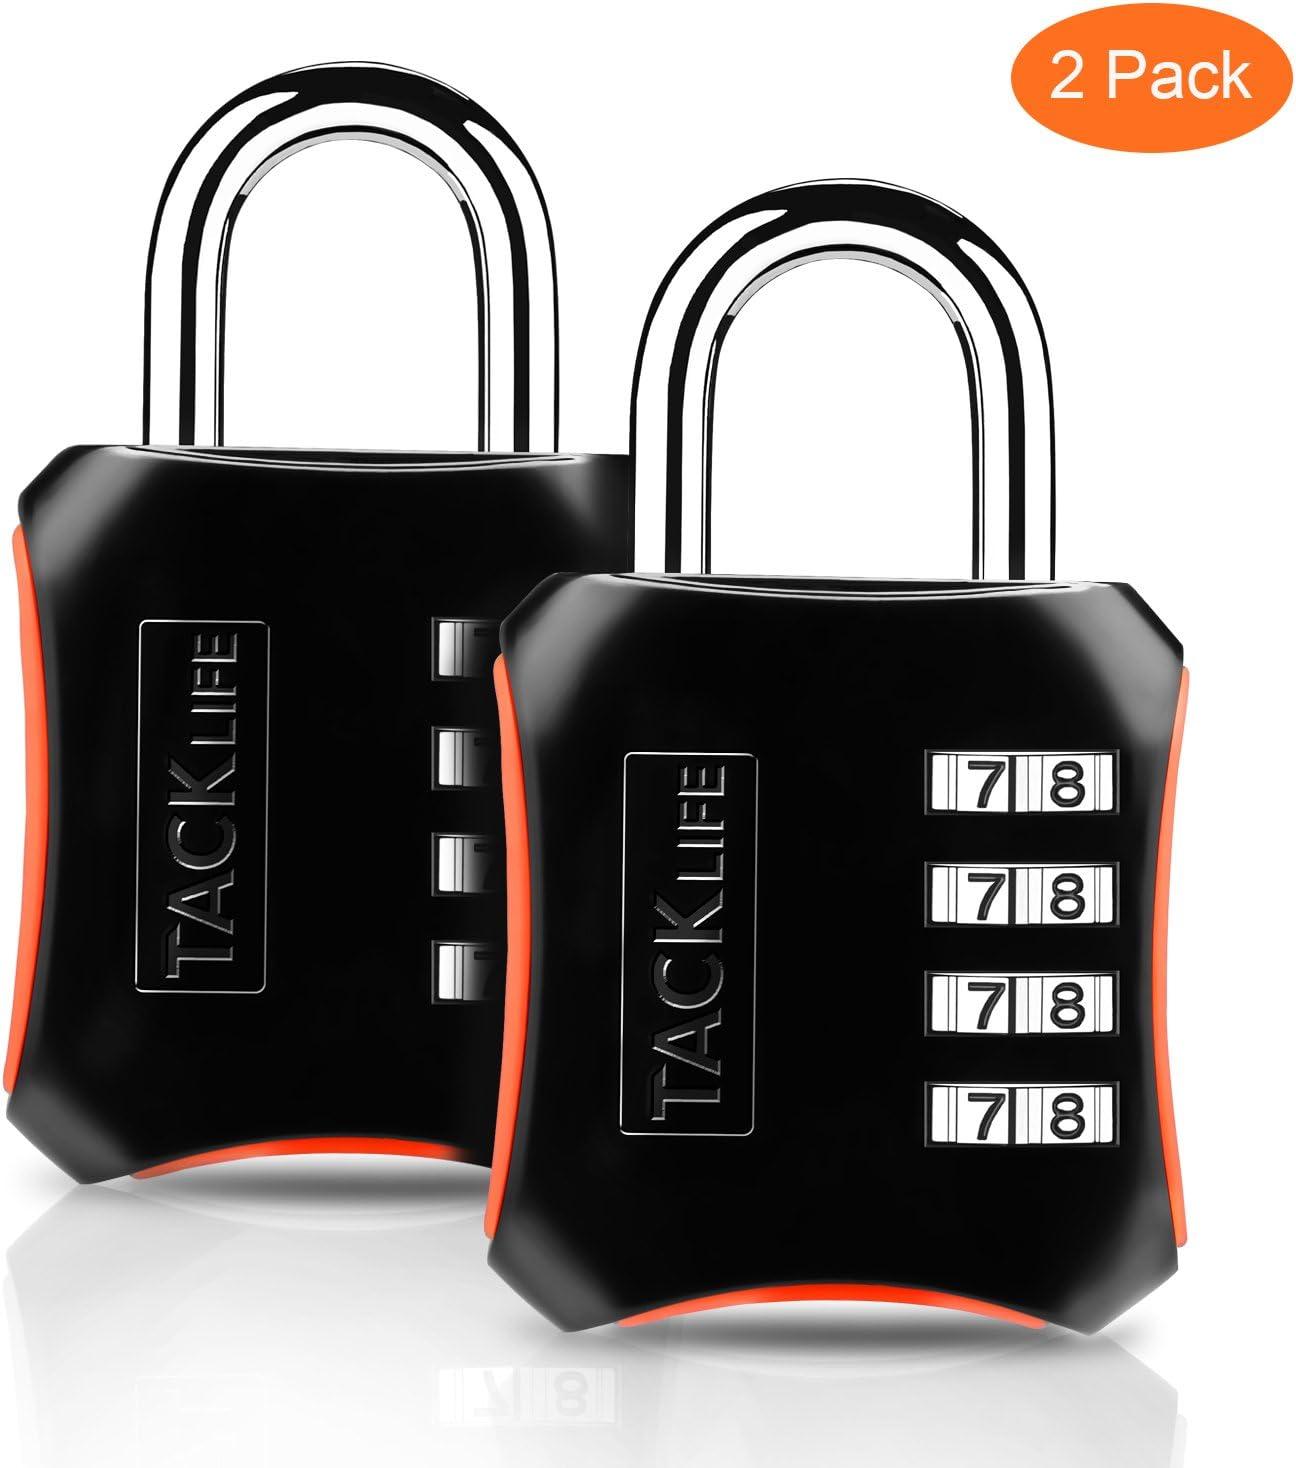 2 candados de combinación Tacklife por sólo 5,84€ con el #código: M9UQJOBC